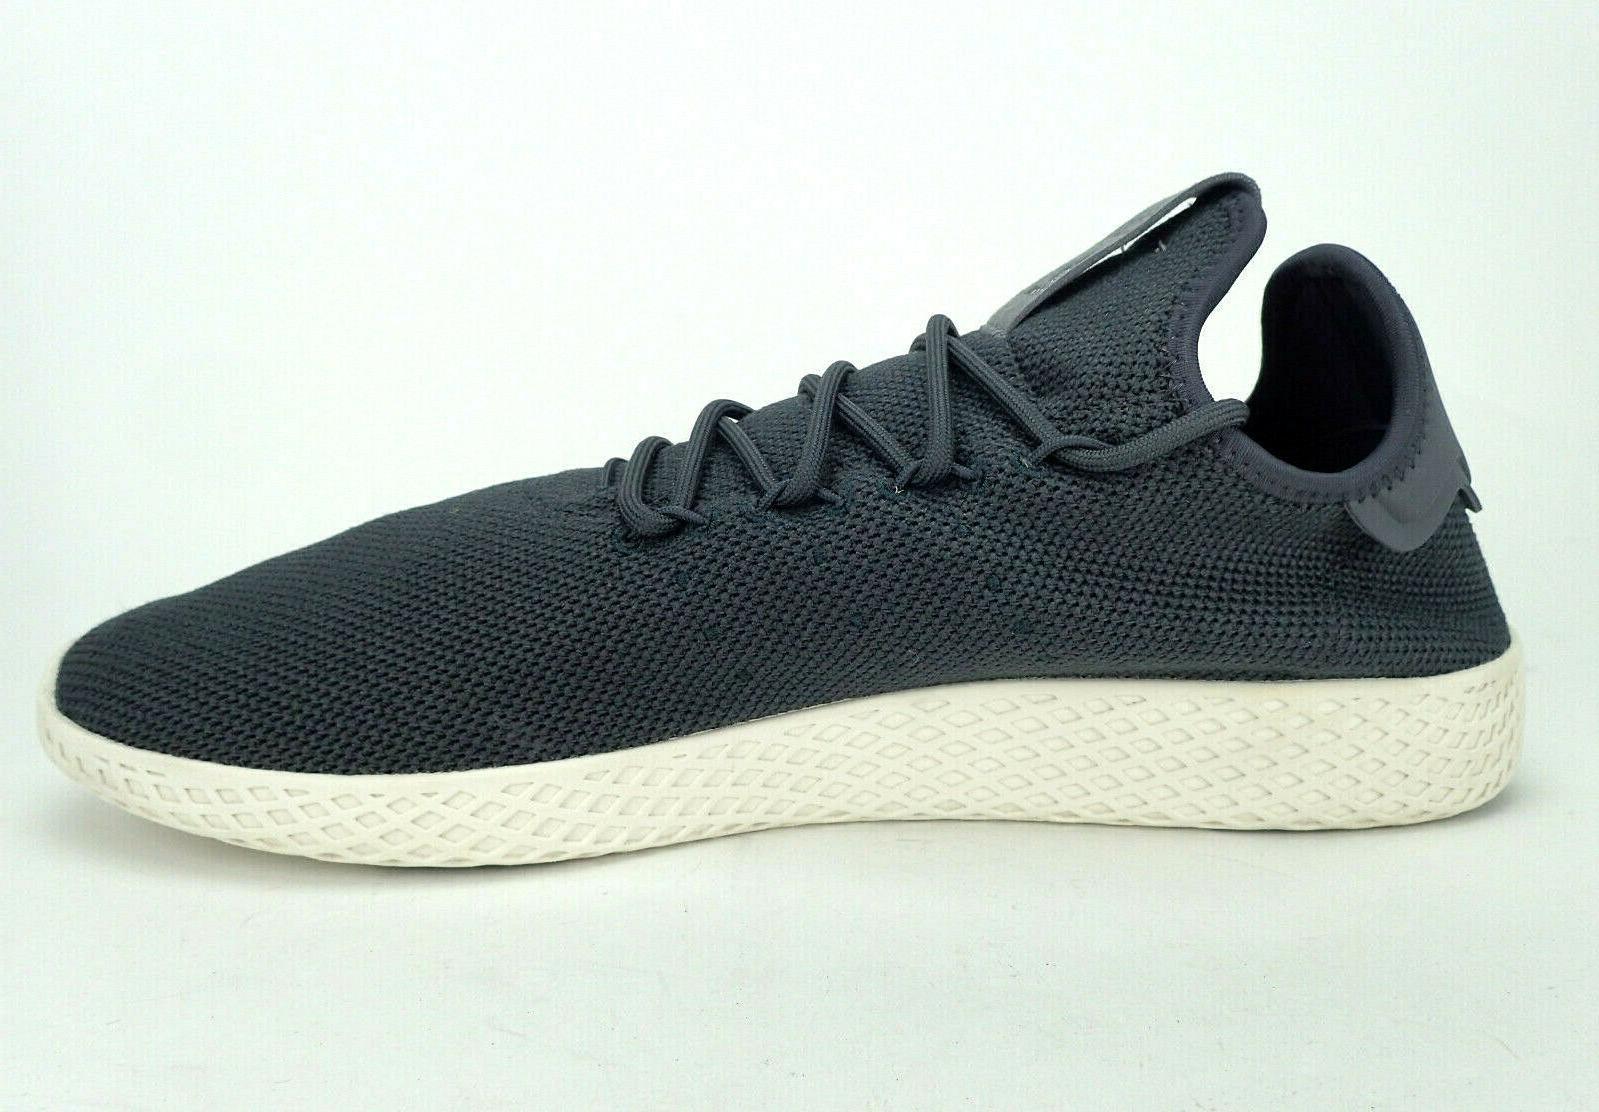 Adidas Originals Pharrell Men's 13 CQ2162 Shoes